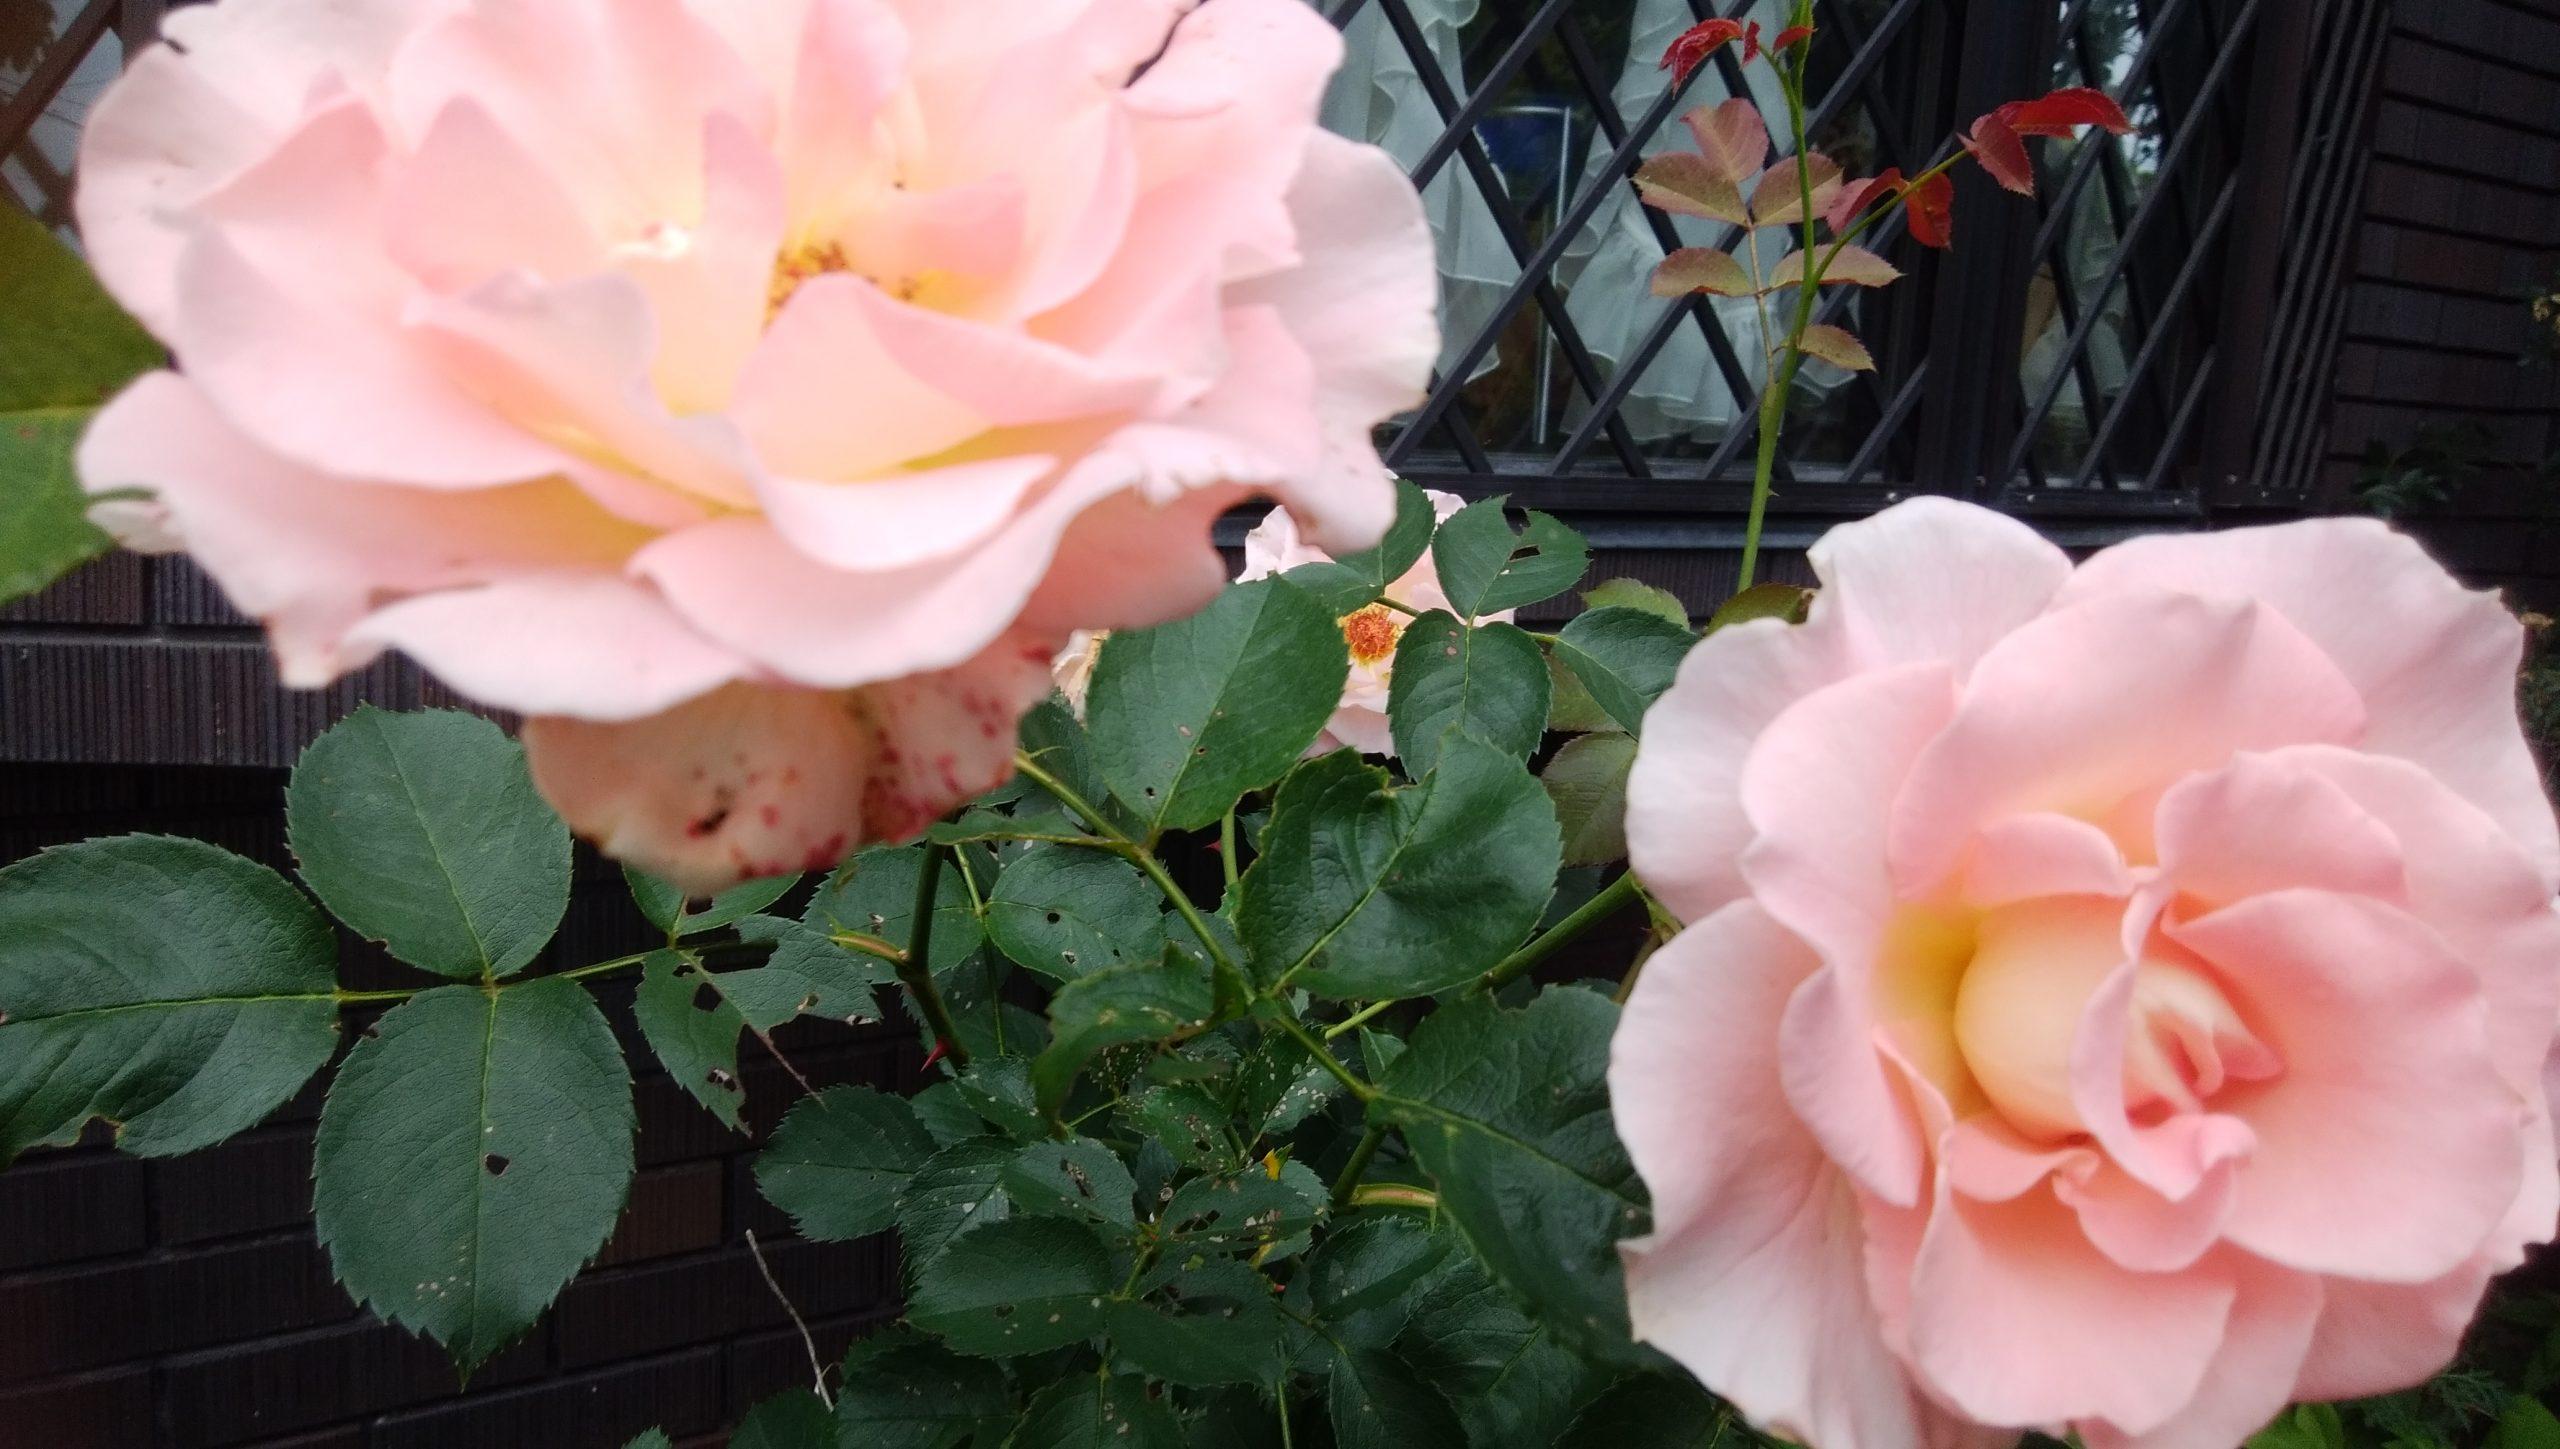 ぃろいろな薔薇🌹